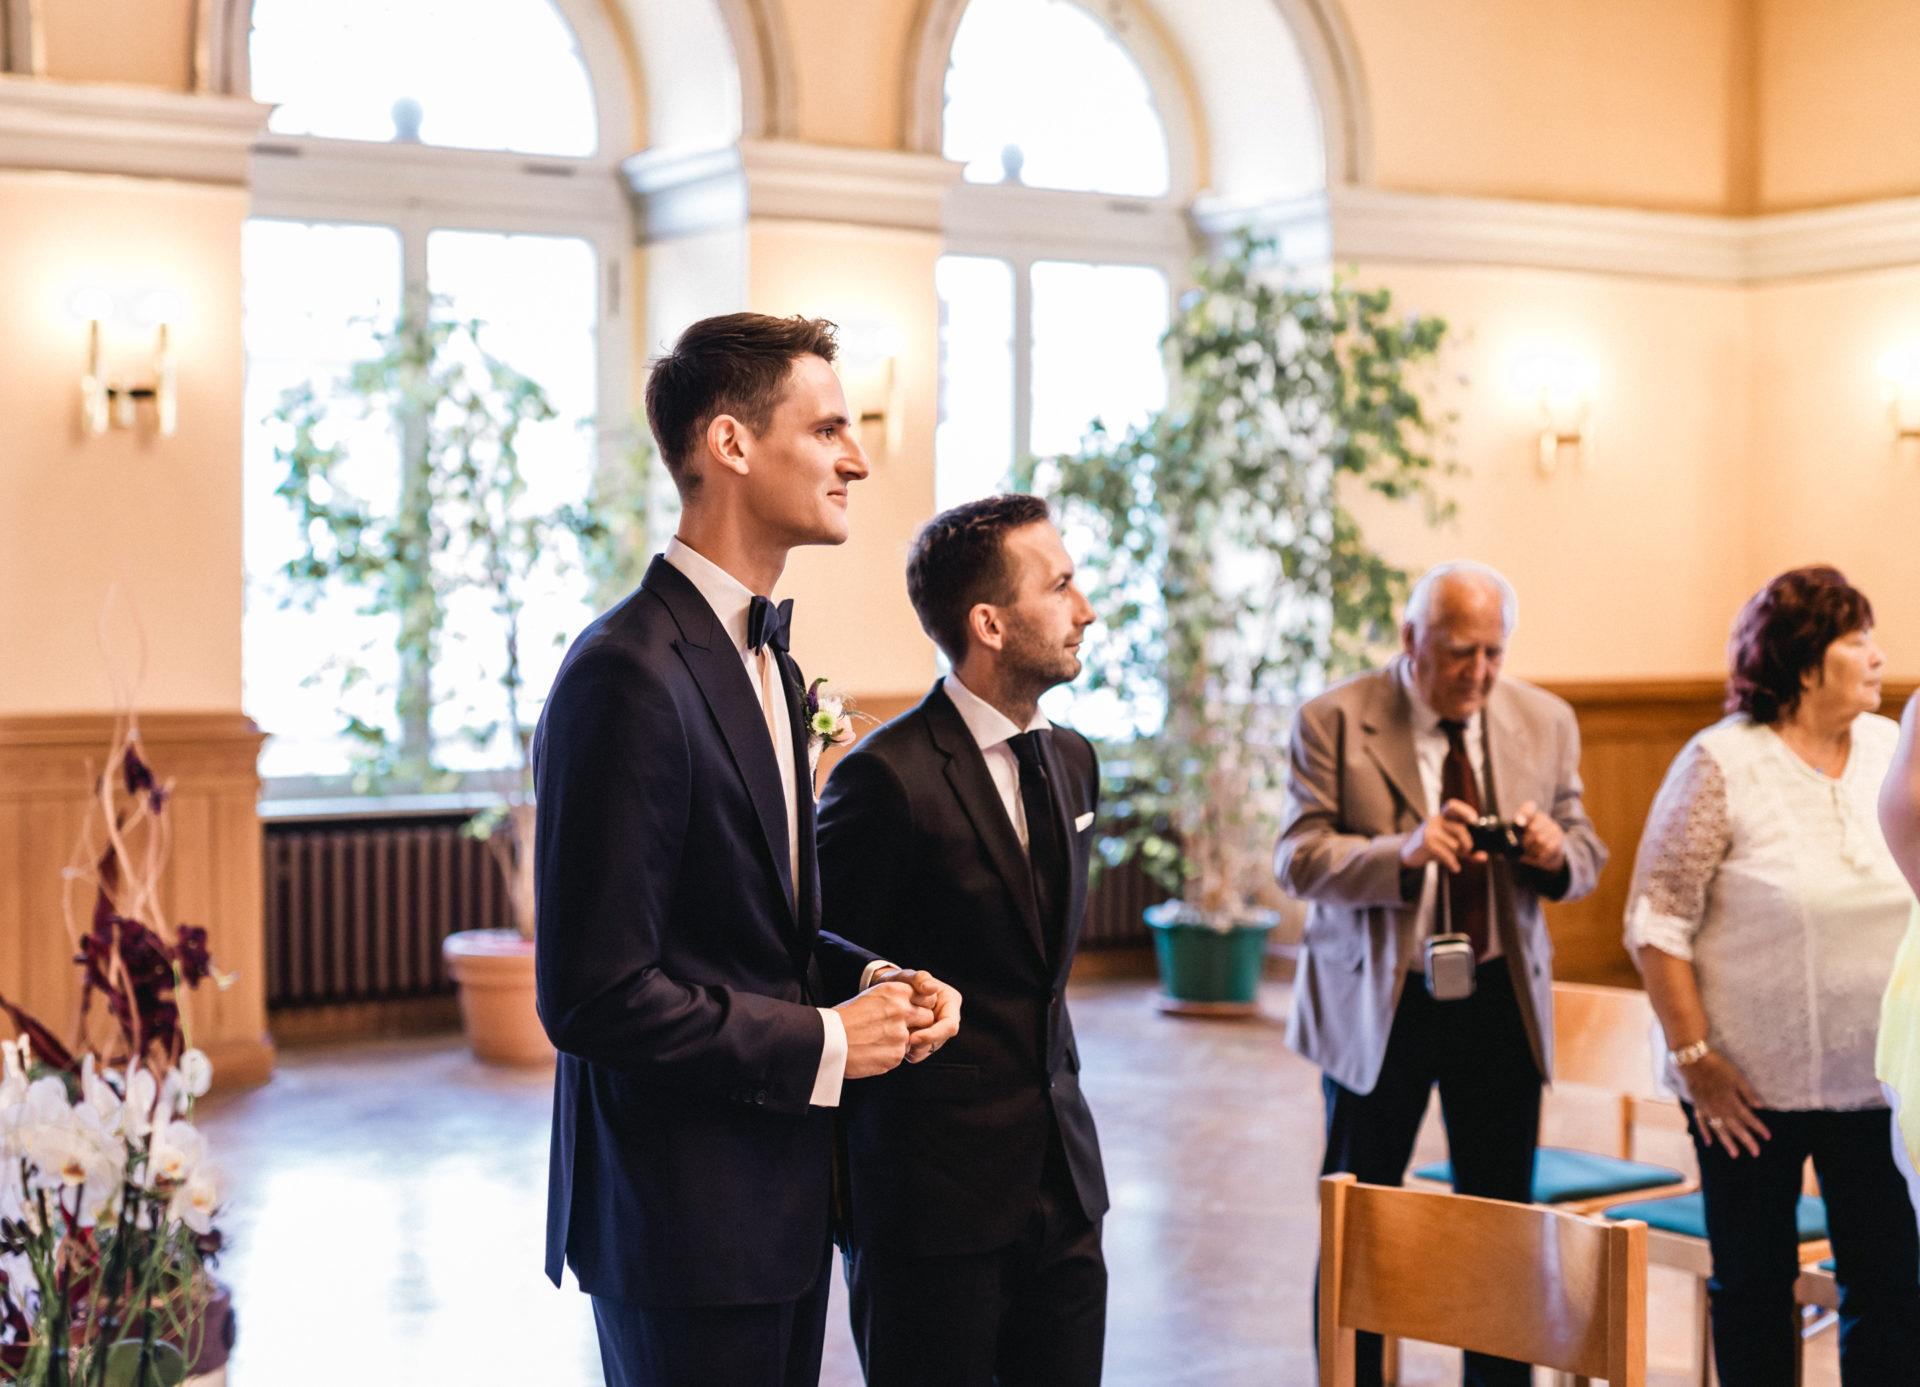 Hochzeitsreportage, Portfolio | Hochzeit auf dem Rittergut Positz | 10